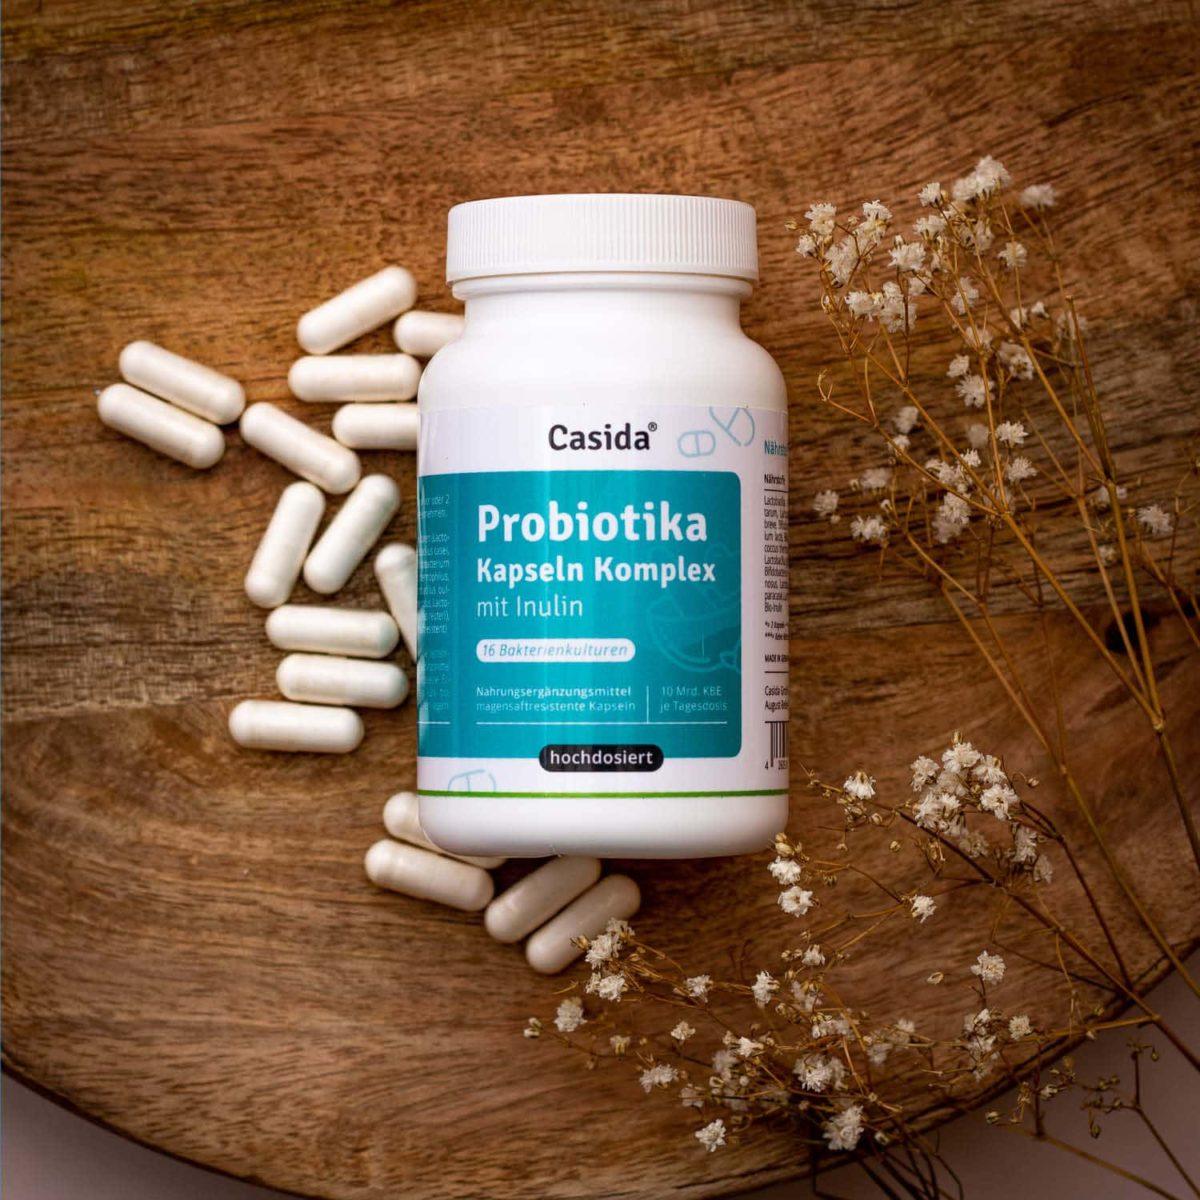 Casida Probiotika Kapseln Komplex + Inulin – 120 Stk. 14446656 PZN Apotheke Darmflora Darmmikrobiota Darmsanierung8